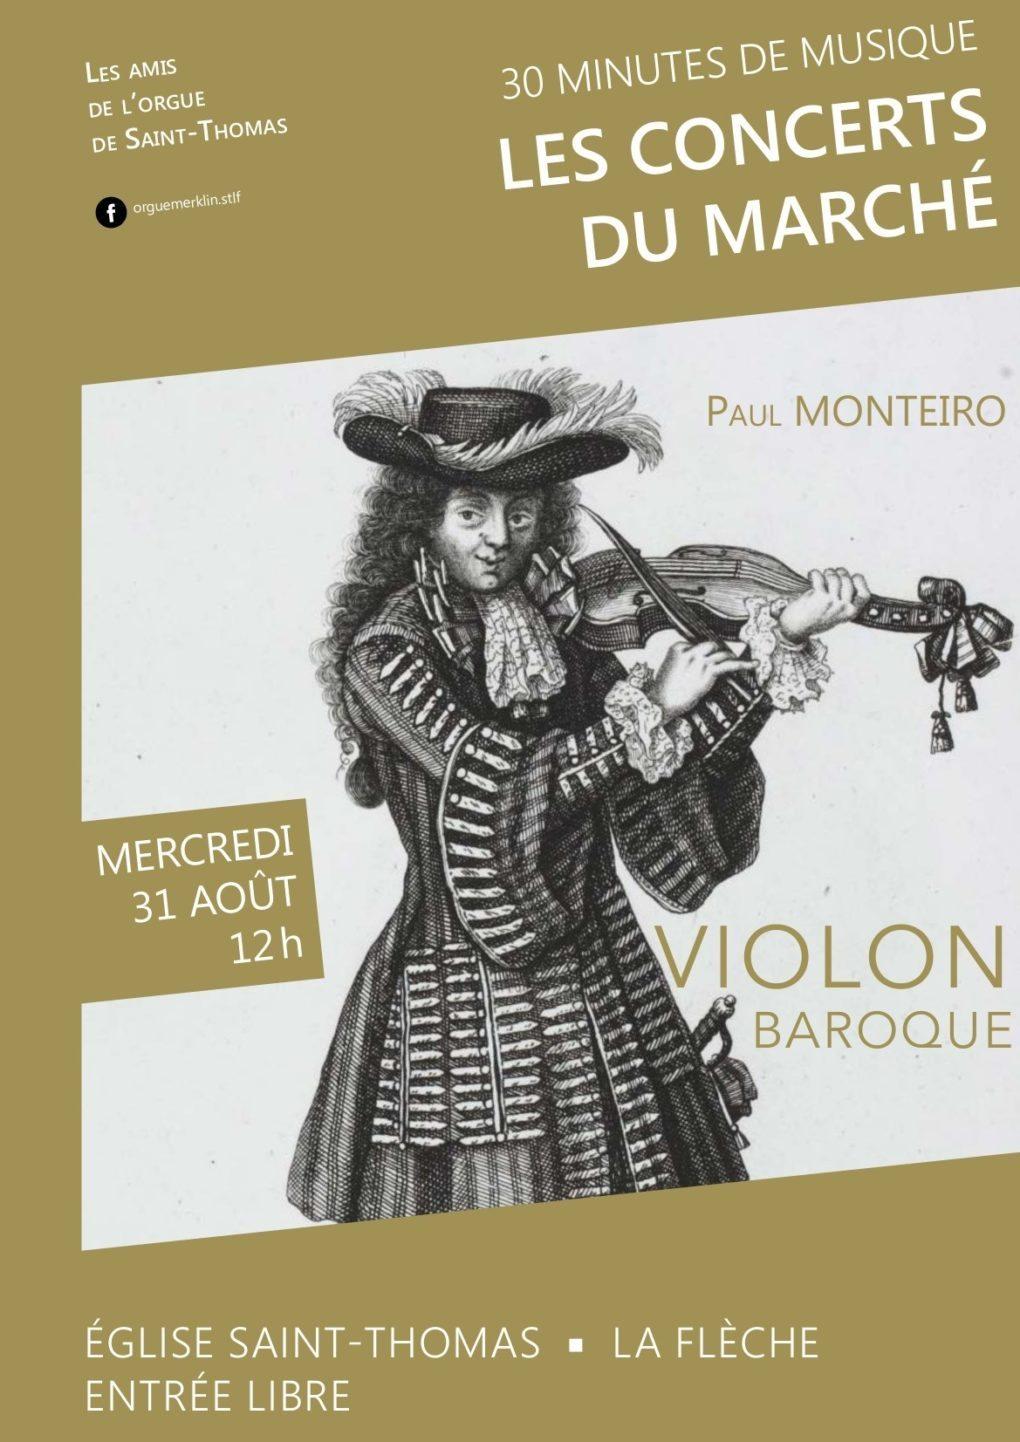 Les concerts du marché, Paul Monteiro, violon baroque La Flèche